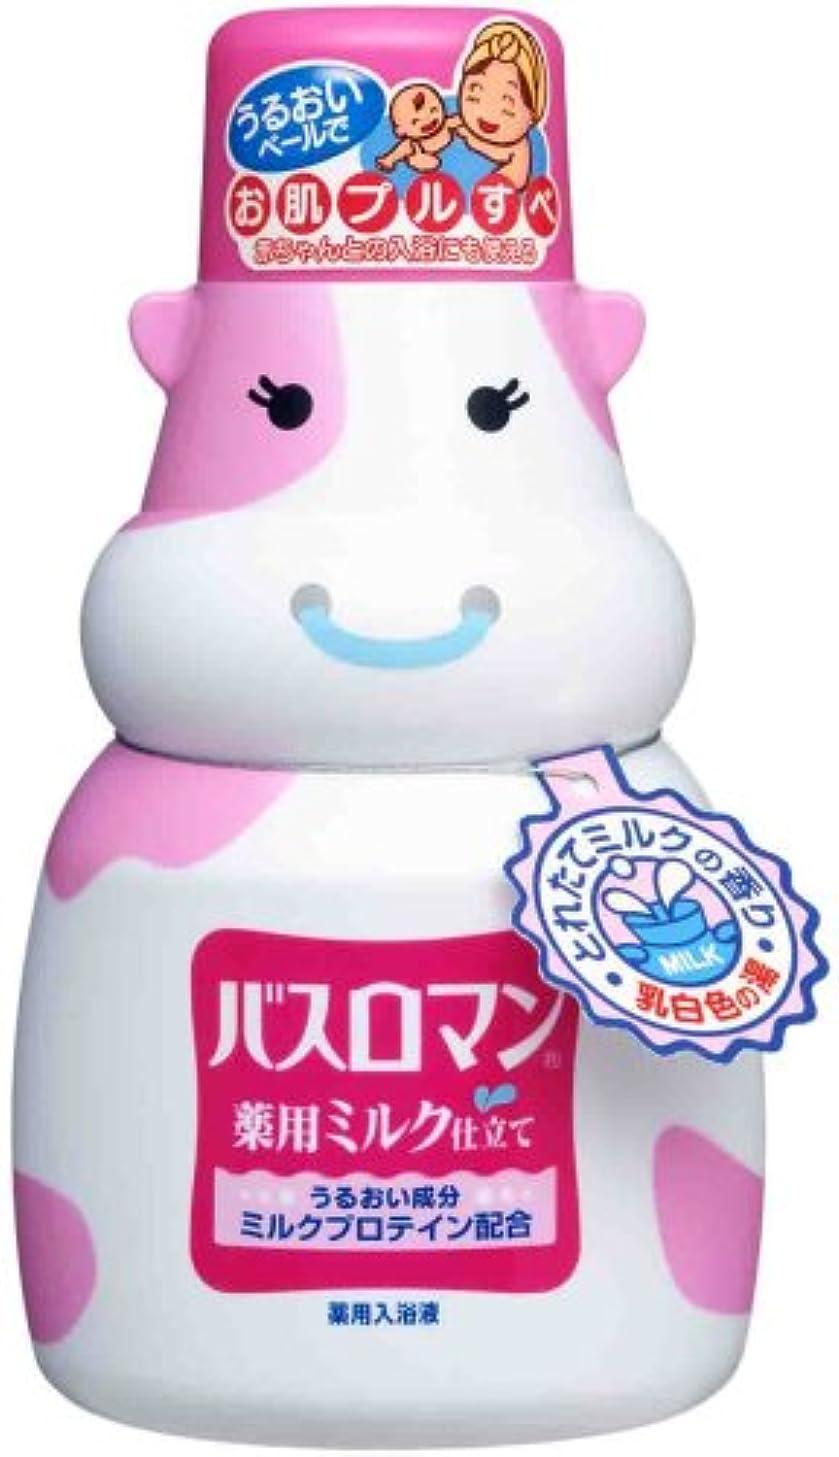 必要としている枯れる隣接アース製薬 バスロマン 薬用ミルク仕立てとれたてミルク 本体 720mL